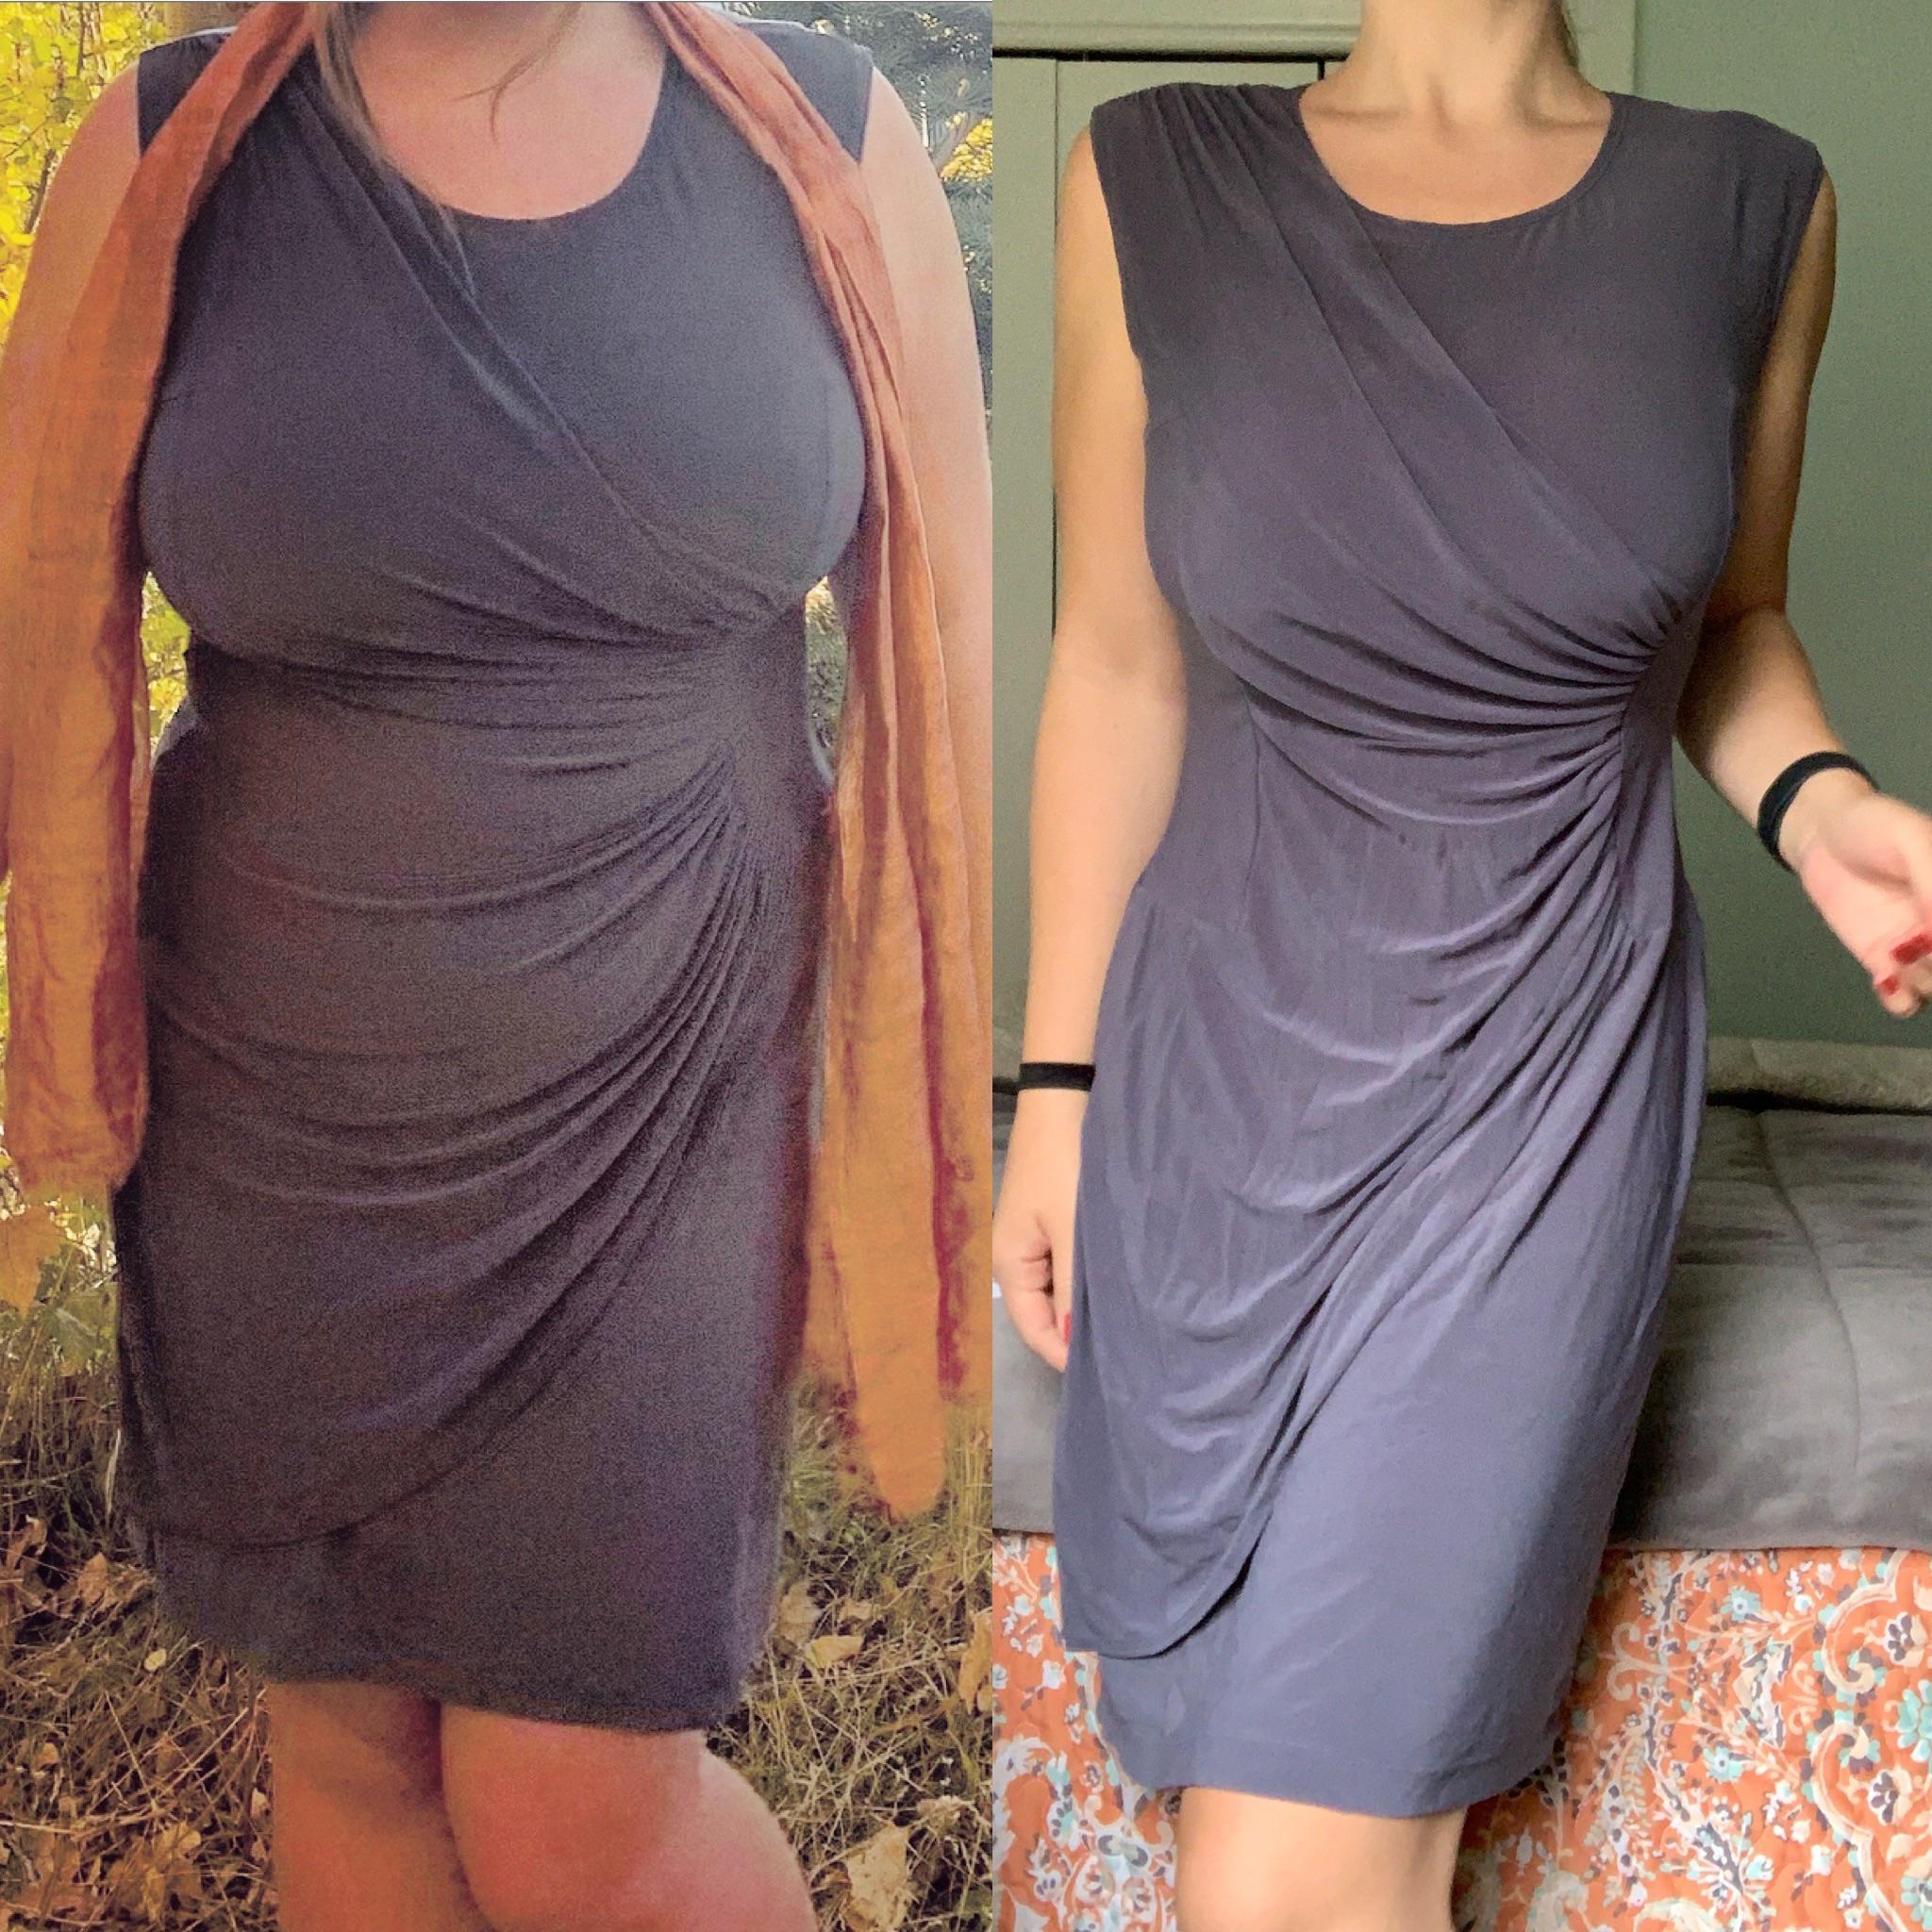 Progress Pics of 70 lbs Fat Loss 5 feet 6 Female 205 lbs to 135 lbs